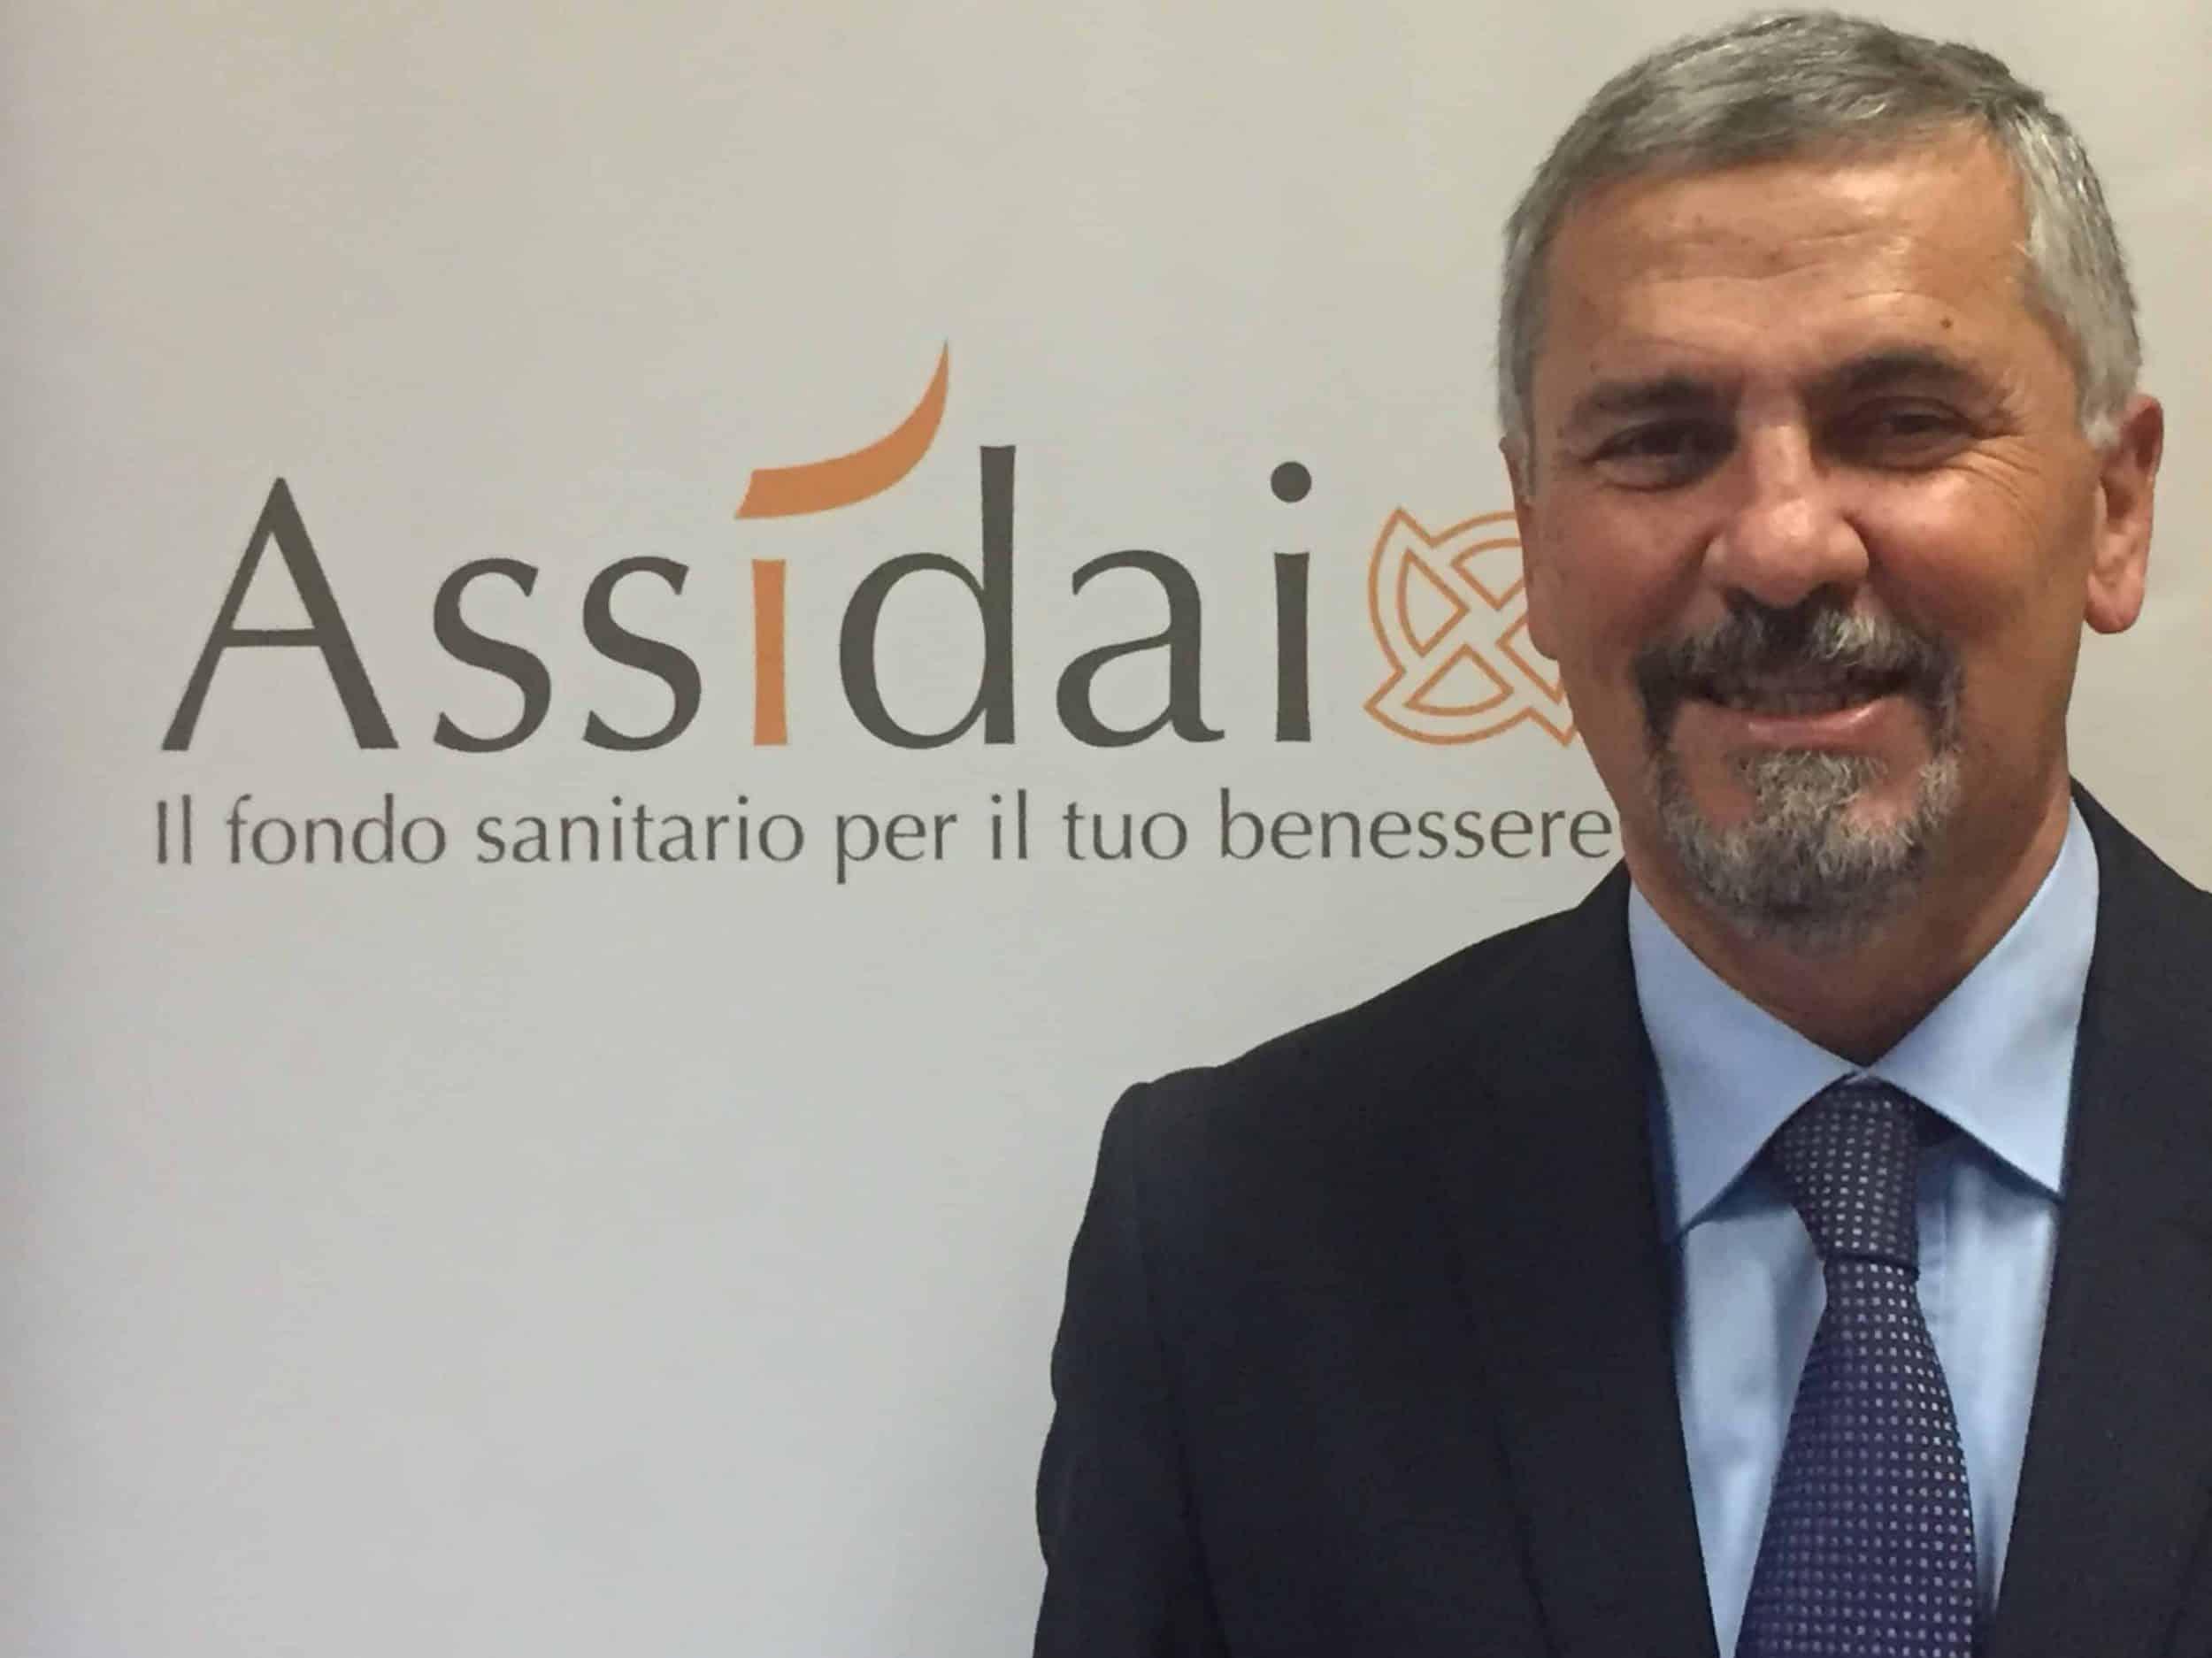 presidente_assidai